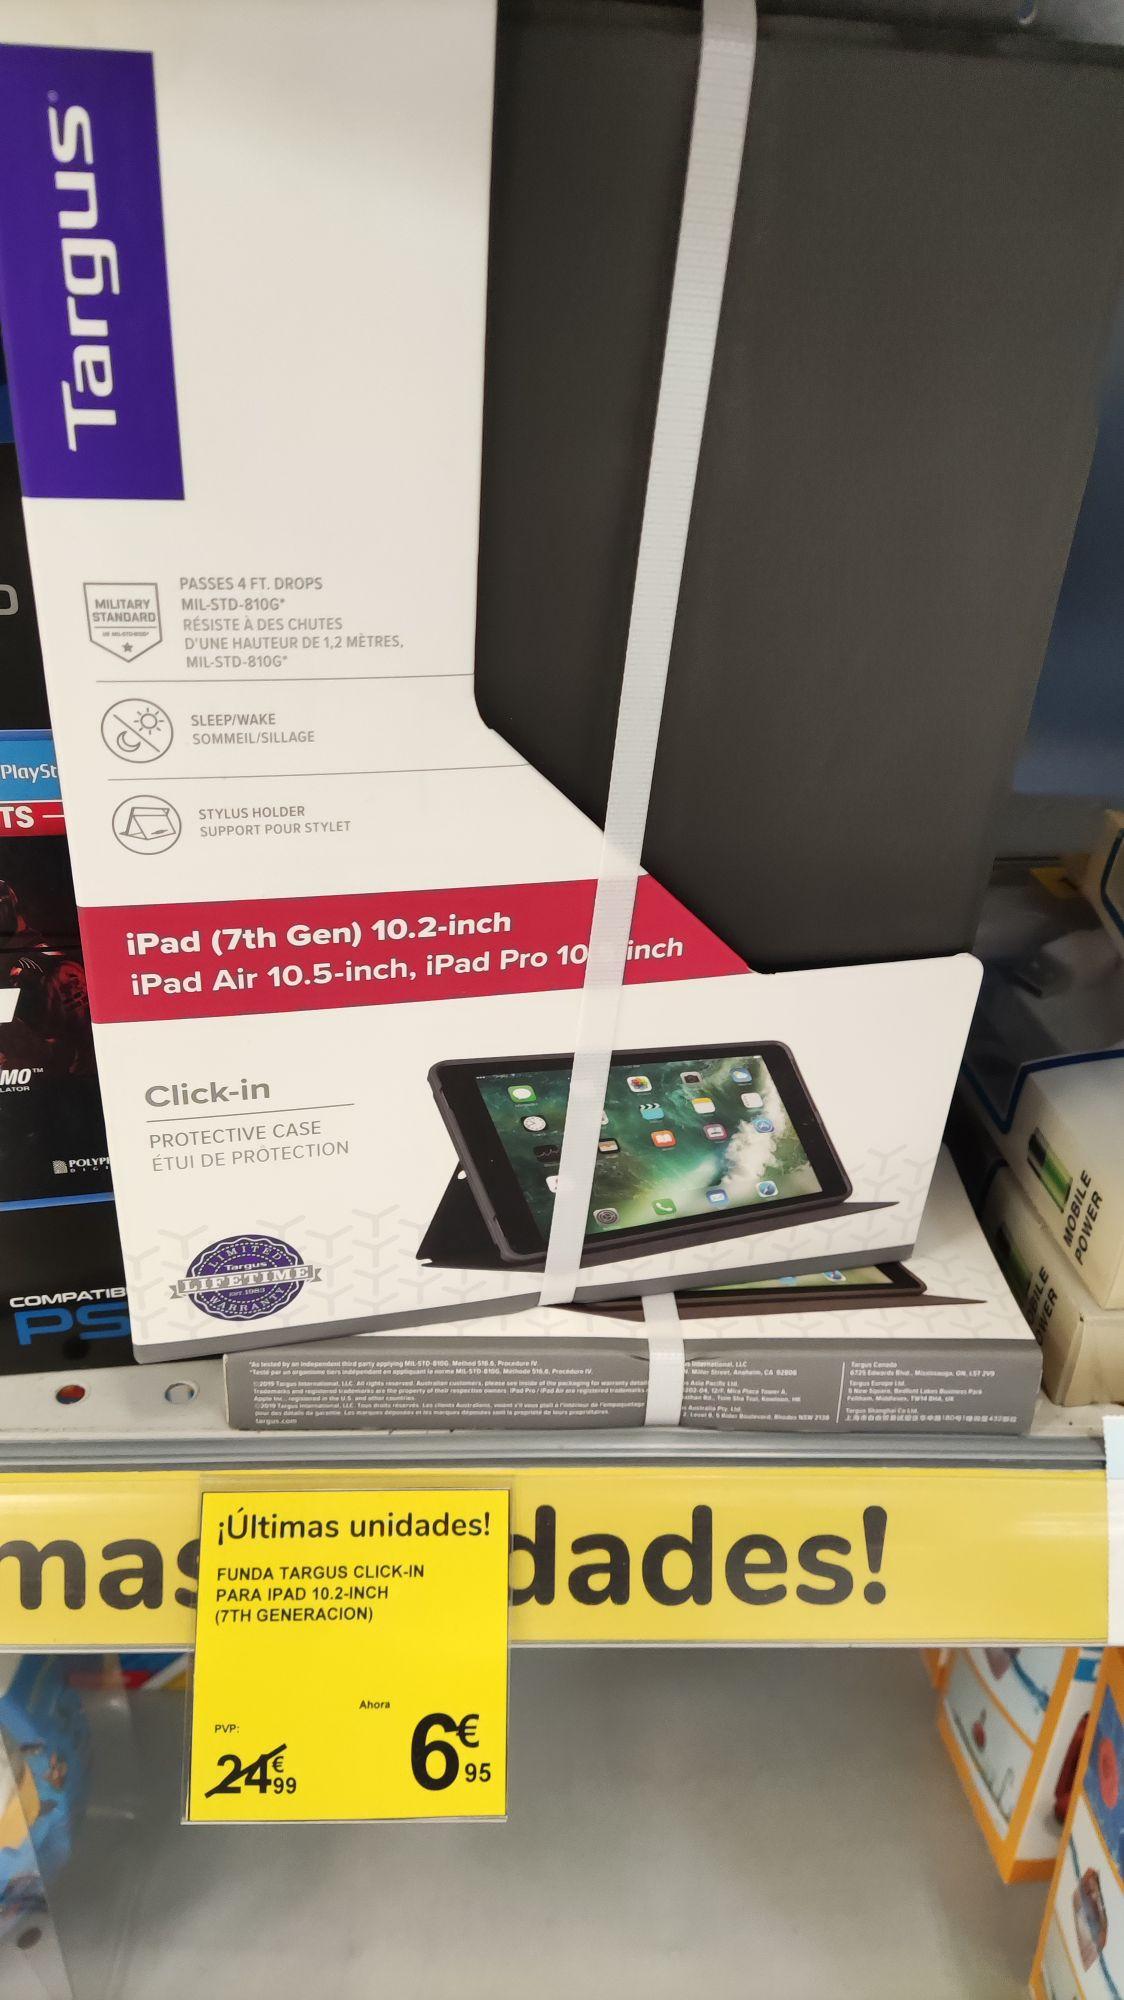 """Funda Targus para iPad 10,2"""" de 7 generación"""